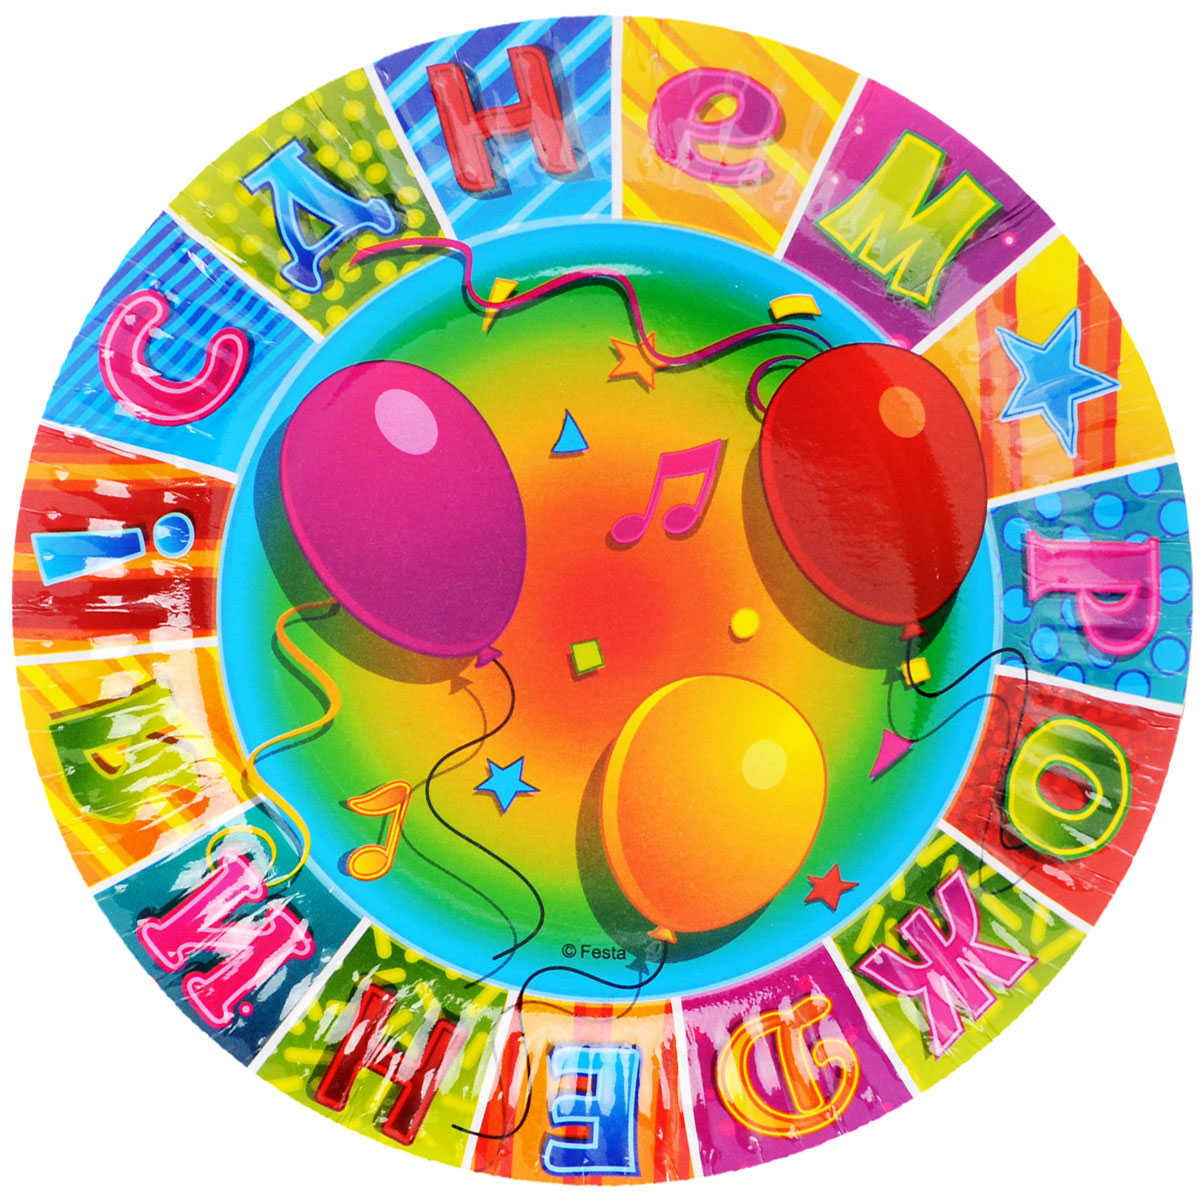 """Предвкушение праздника - одна из самых приятных эмоций в жизни человека. Радость, улыбки, громкий смех друзей и родных - что может быть лучше этого? Но для того, чтобы каждый праздник был поистине незабываемым, вам не обойтись без ярких и красочных помощников, ведь самое главное в этом случае - детали. Тарелка бумажная Веселая затея """"С днем рождения: Мозаика"""" украсит стол именинника и создаст праздничную атмосферу. Благодаря рифленым краям тарелка будет крепко держаться в руке и кусок праздничного торта не окажется на скатерти. В комплекте 6 тарелок."""